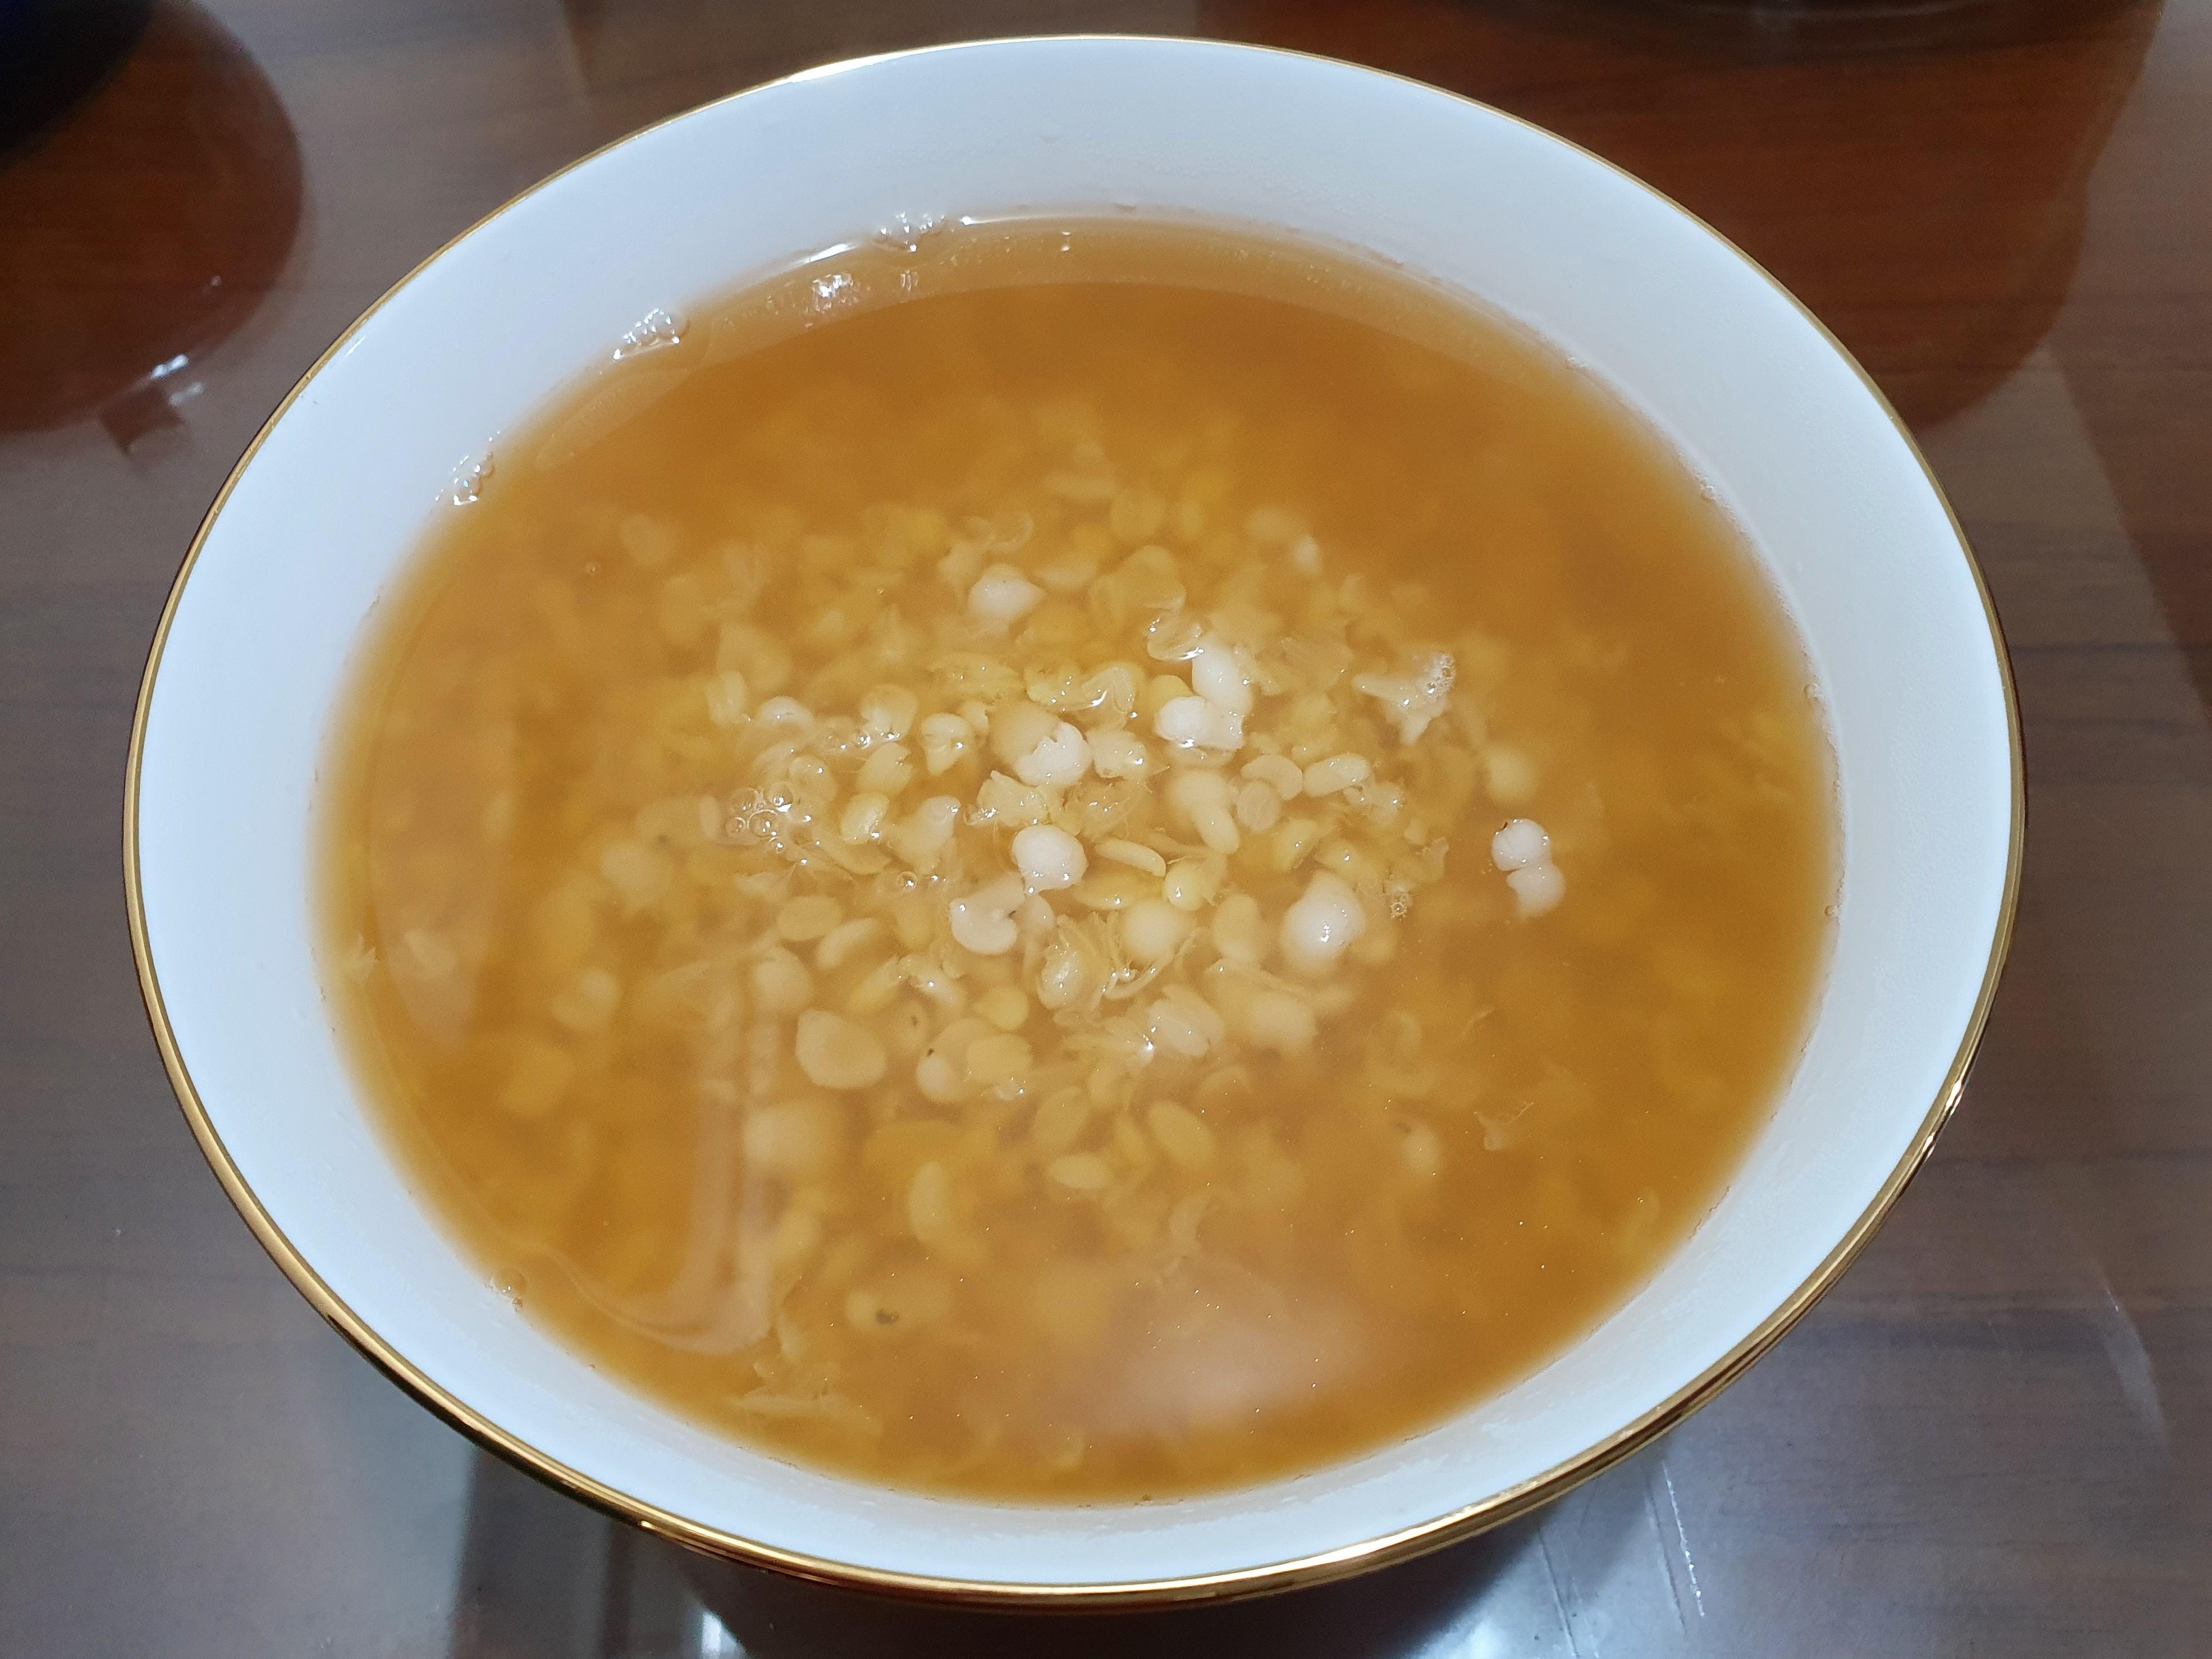 綠豆蒜薏仁湯